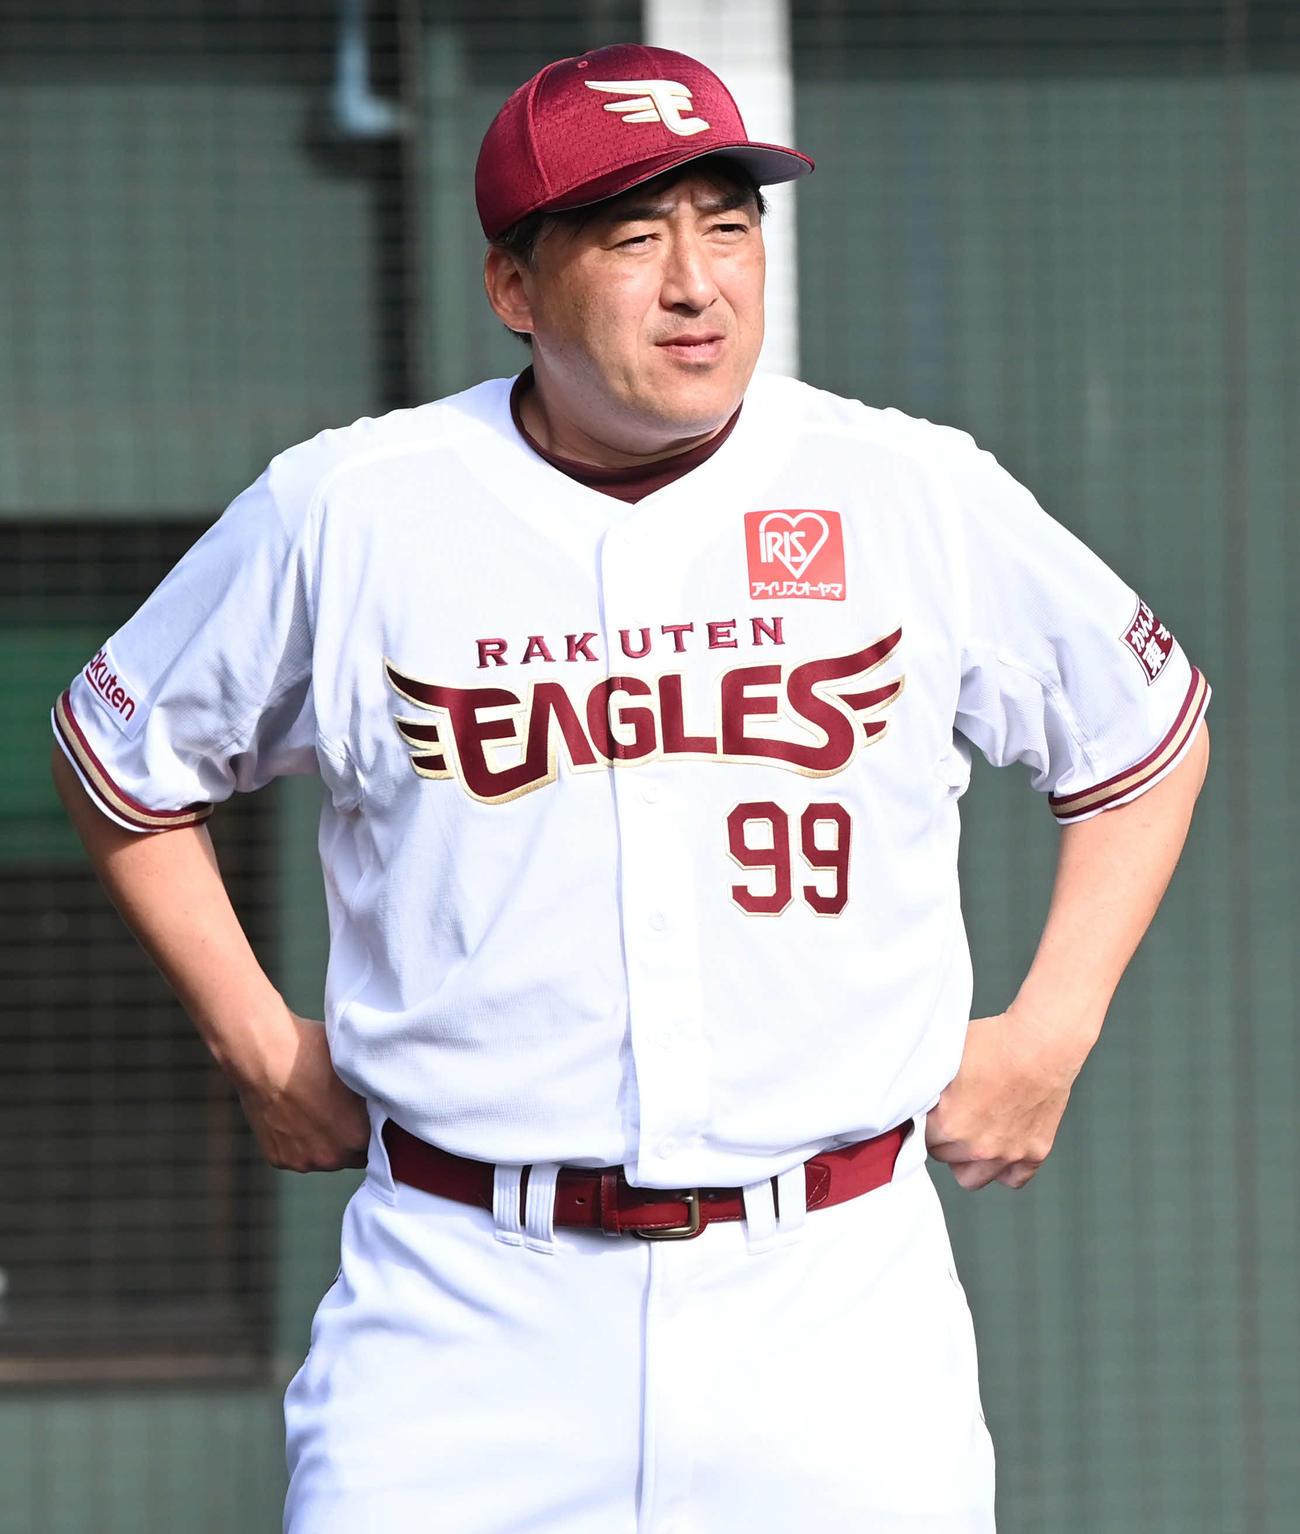 楽天石井一久GM兼監督(2021年2月13日撮影)